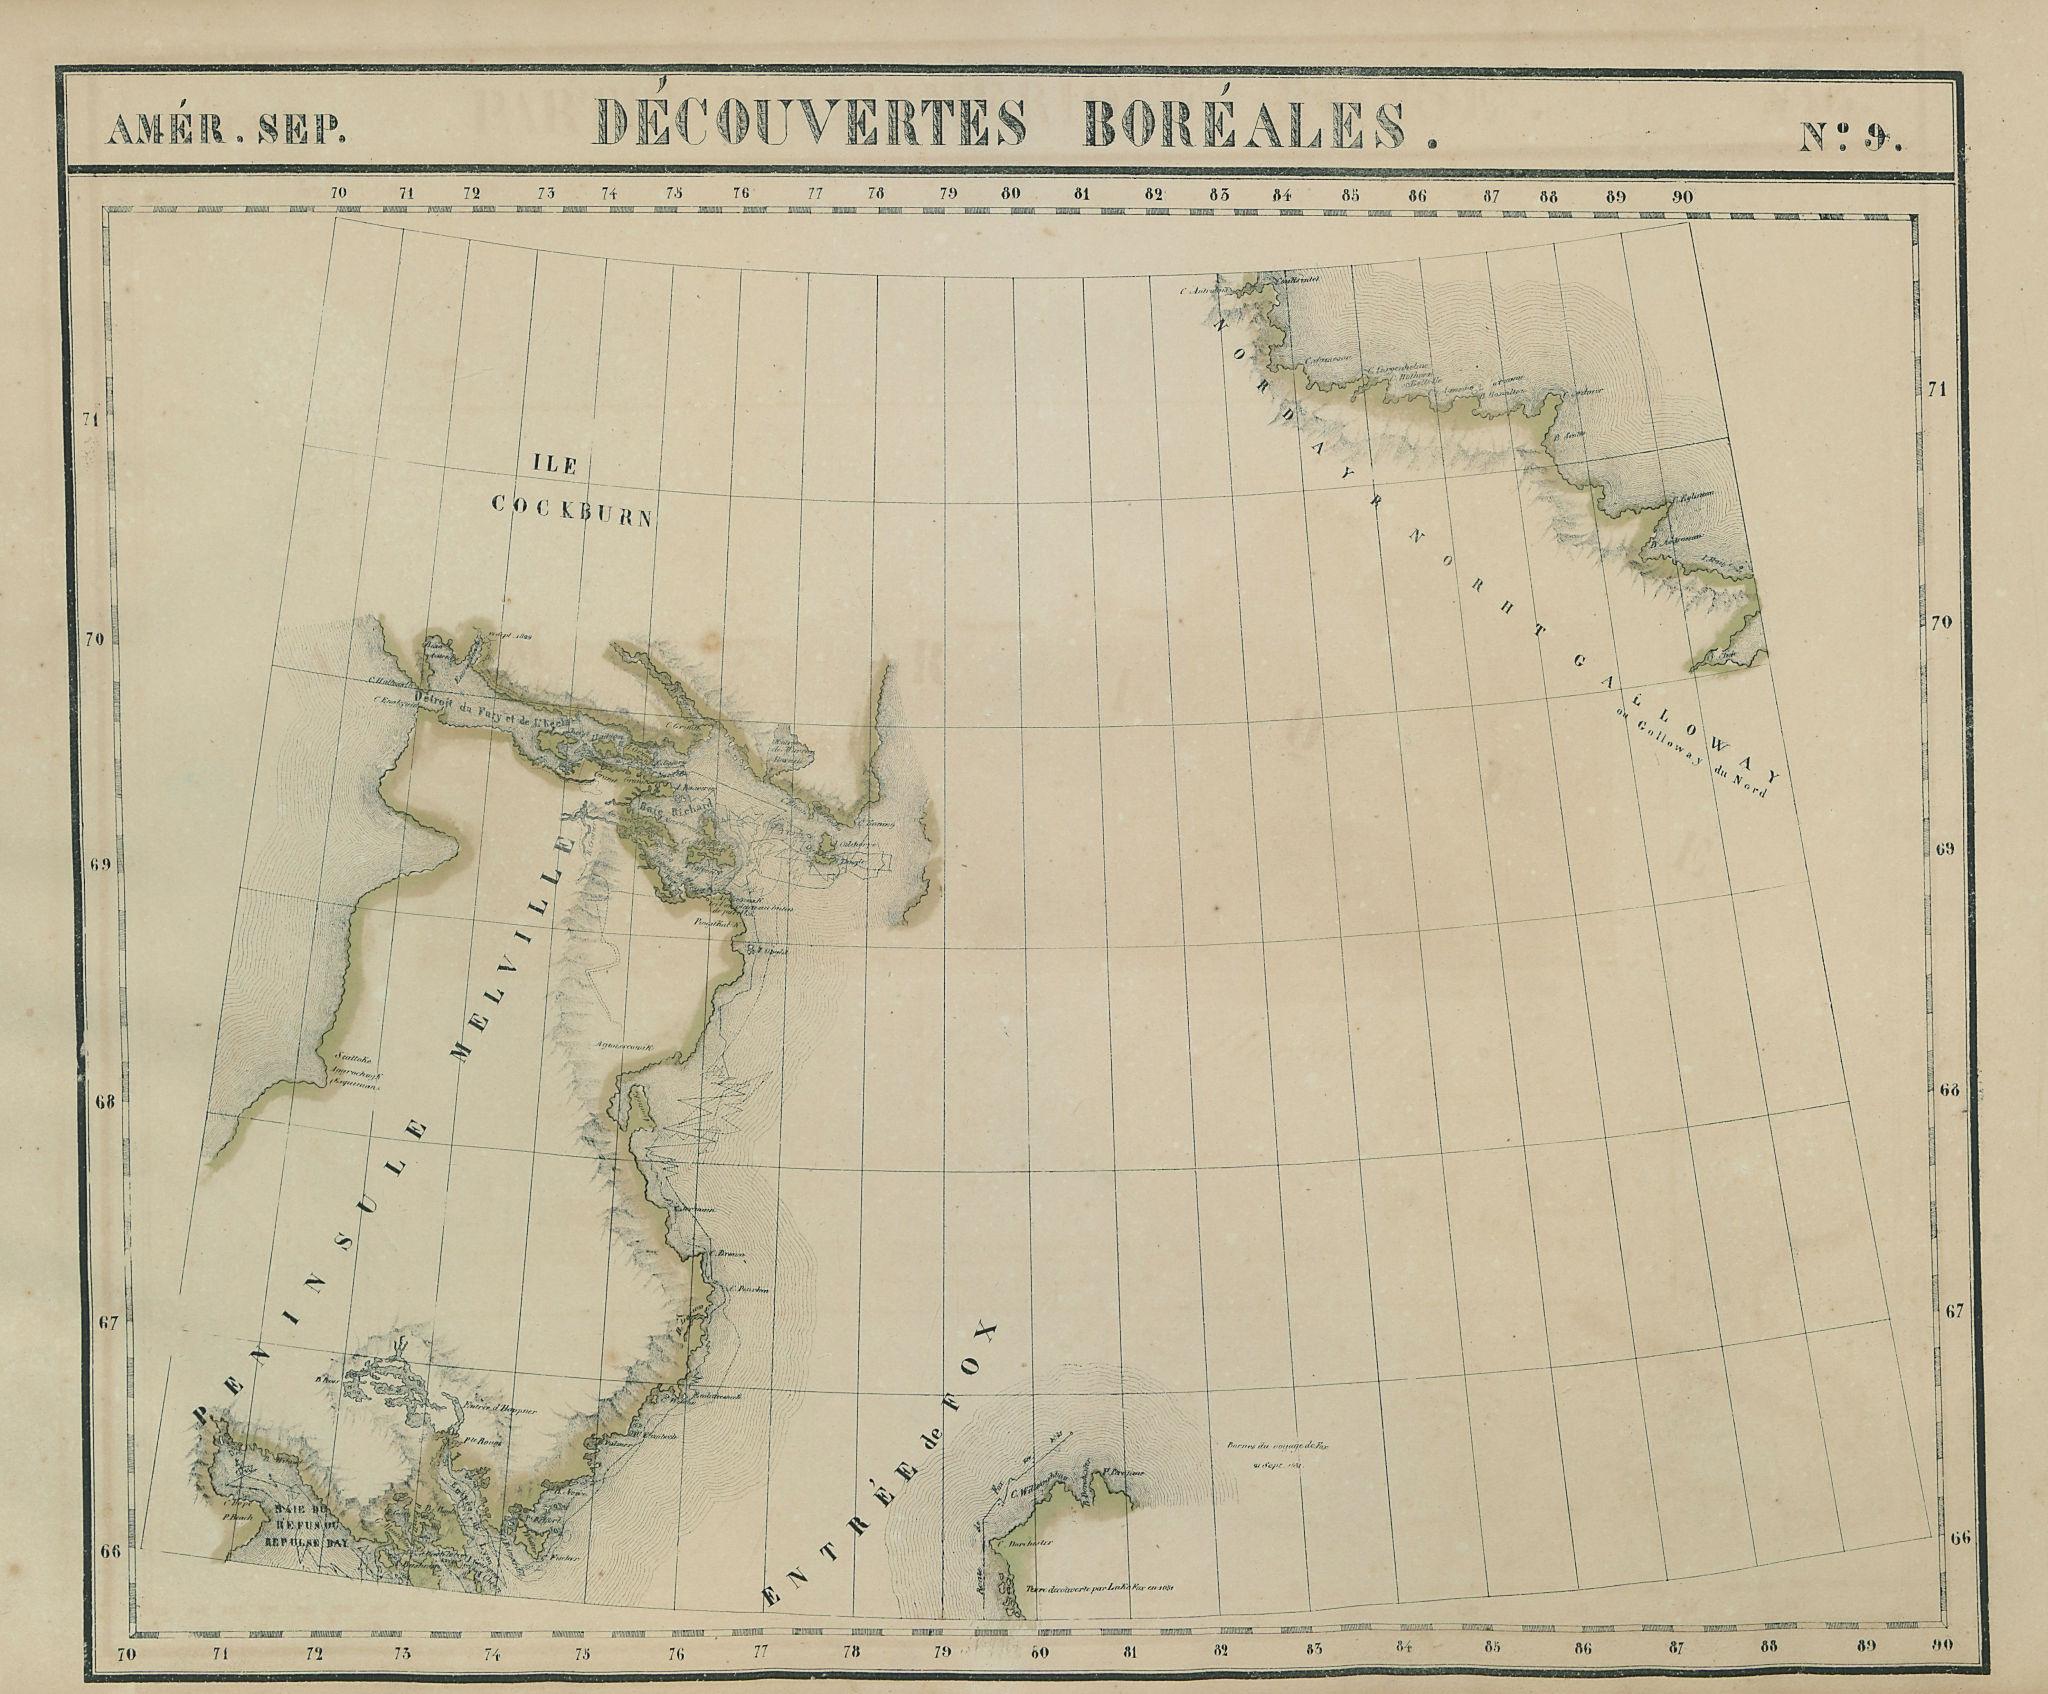 Amér. Sep. Découvertes Boréales #9. Melville Peninsula. VANDERMAELEN 1827 map